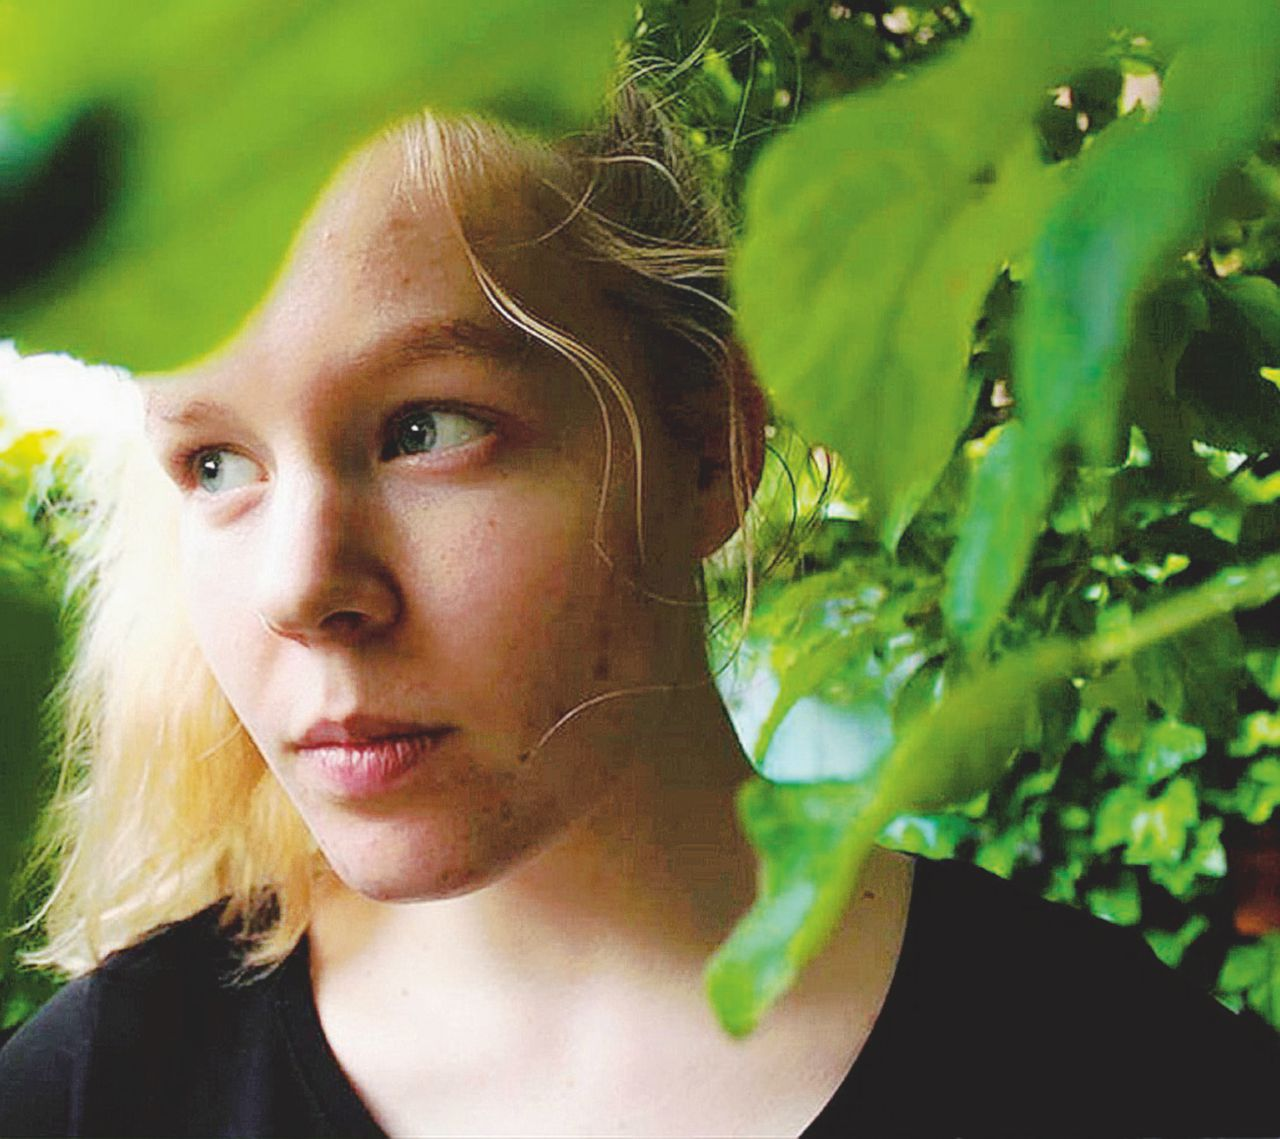 La scelta di Noa: eutanasia  per non soffrire più, a 17 anni